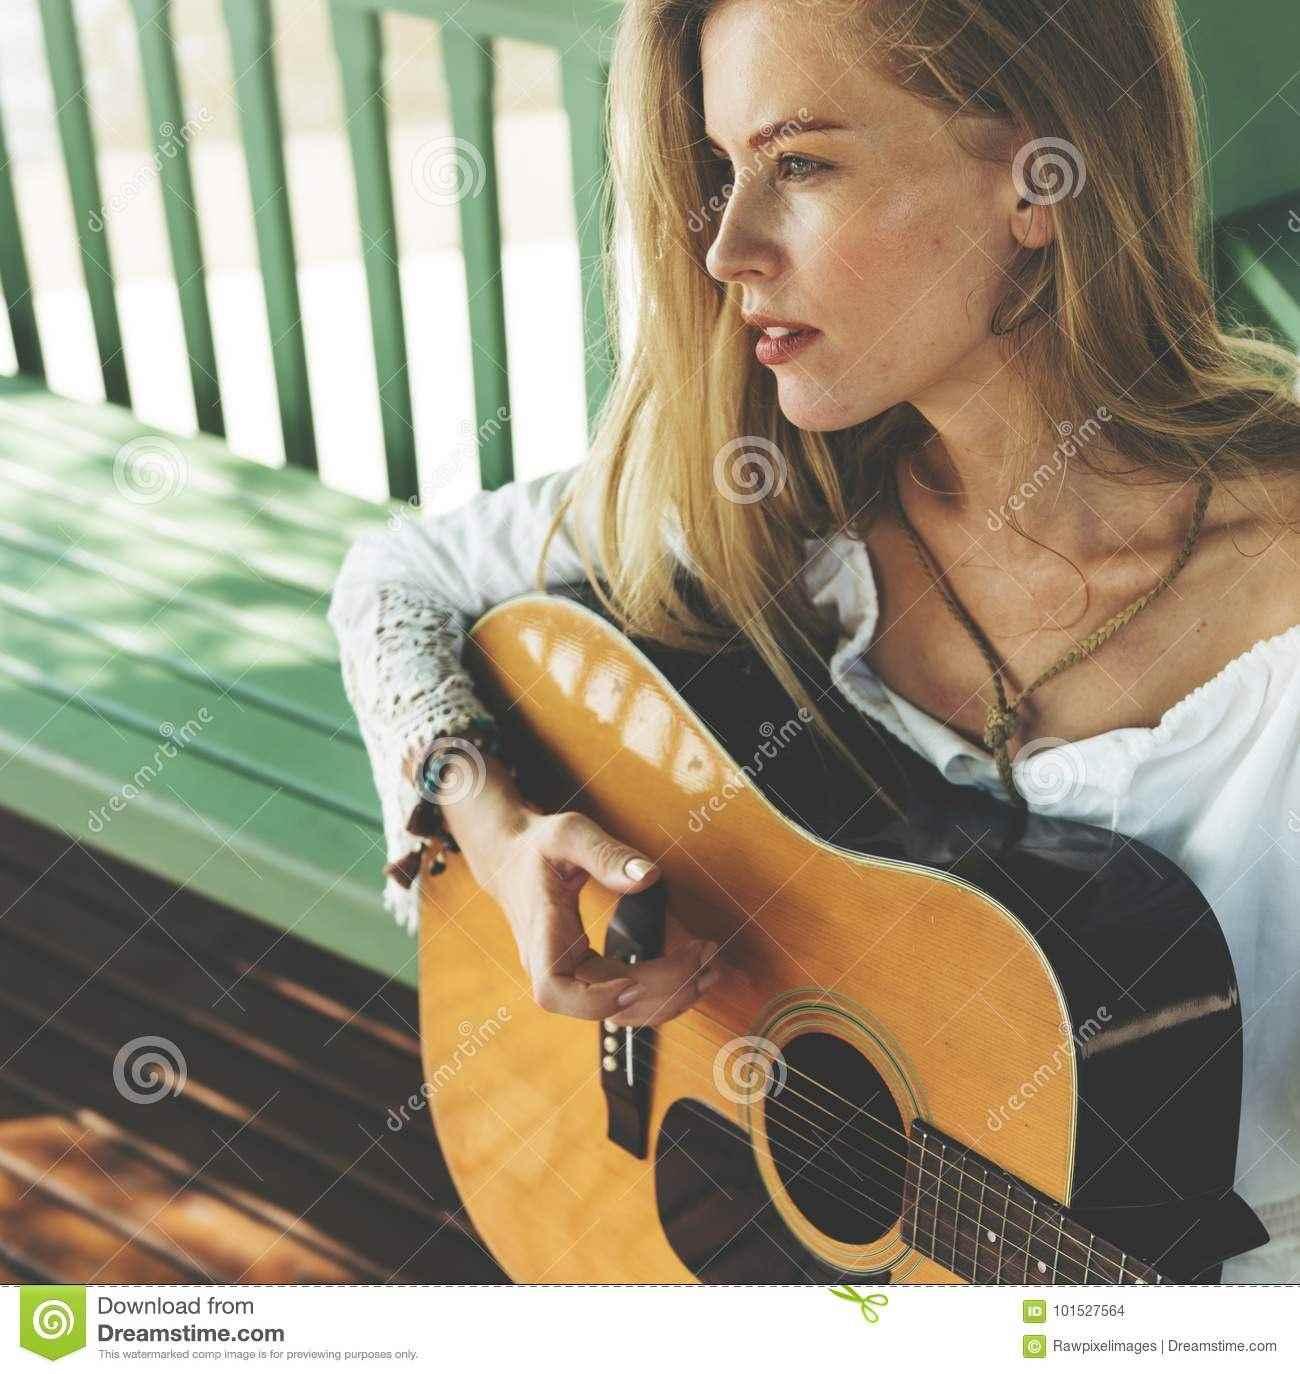 Красивая девушка с гитарой фото, картинки 02